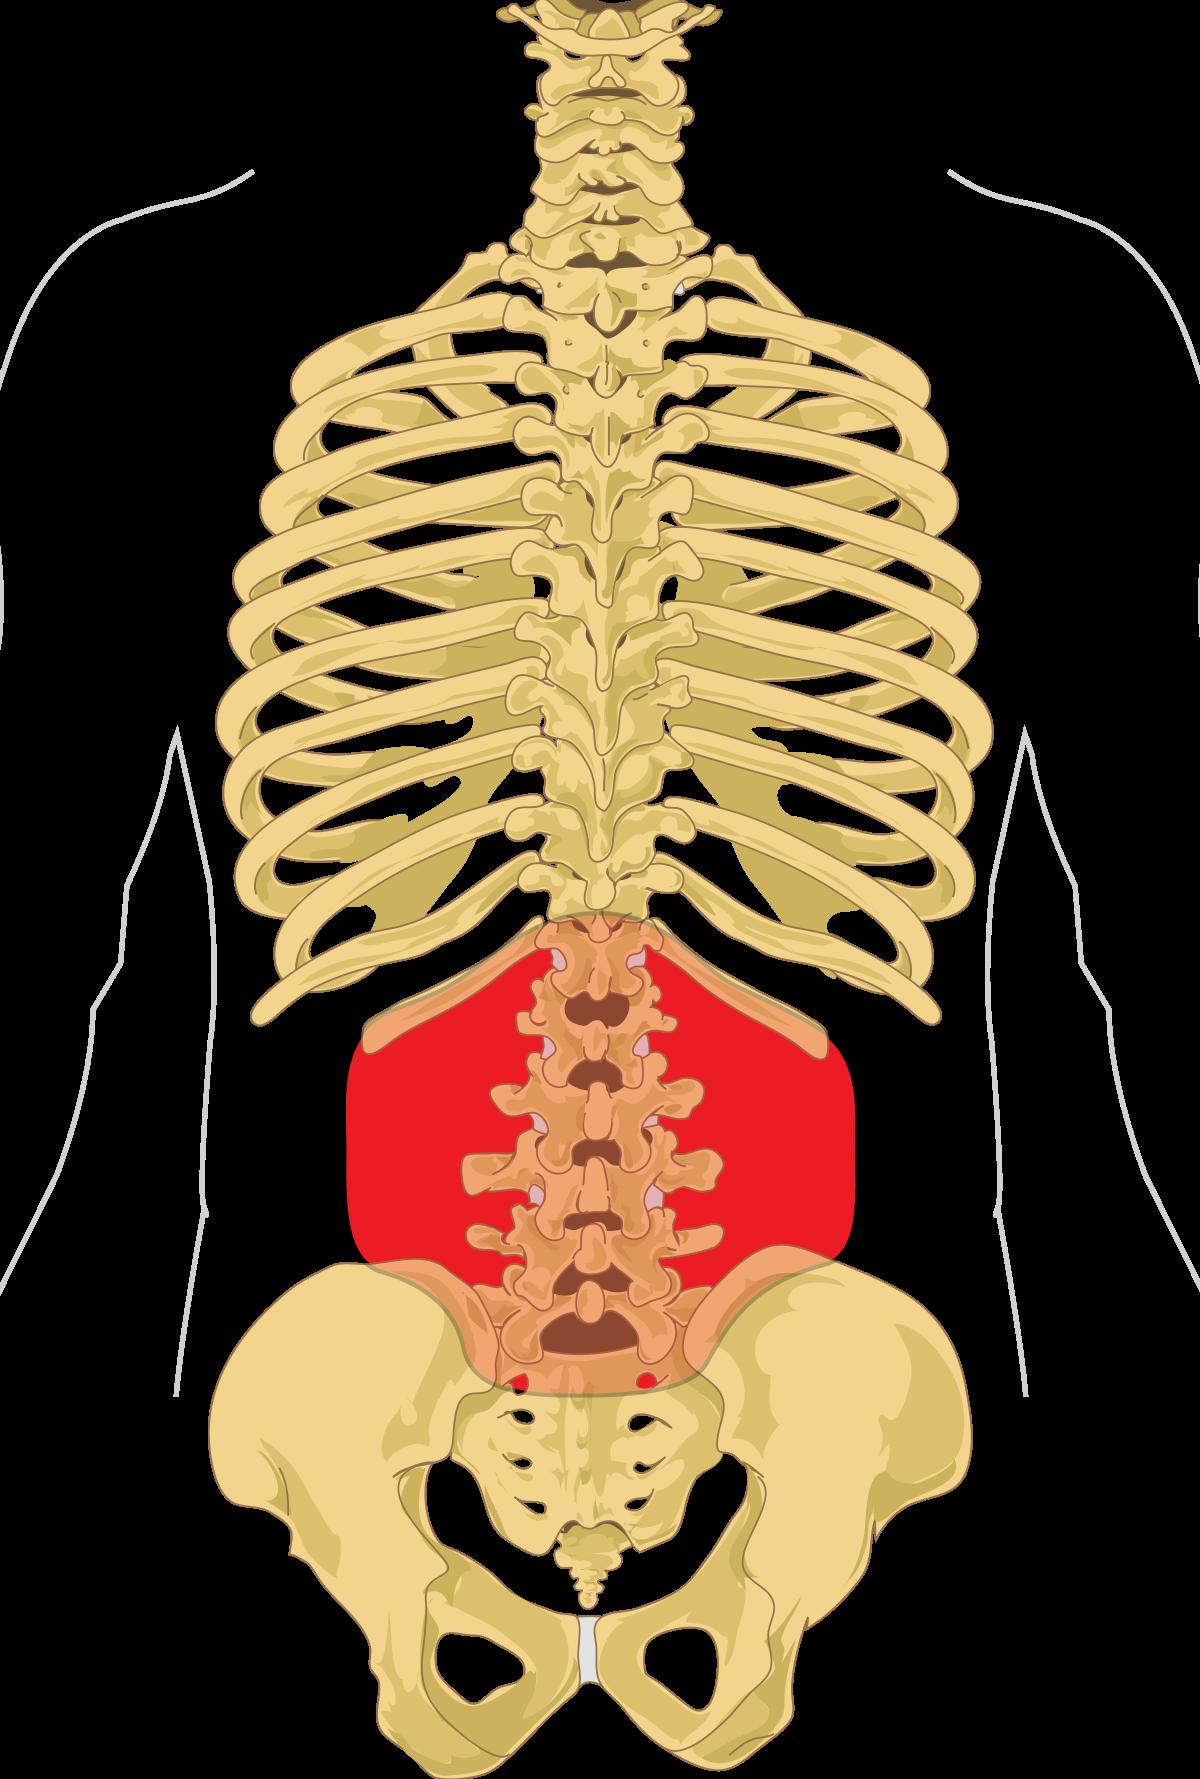 ízületek és gerinc betegségei